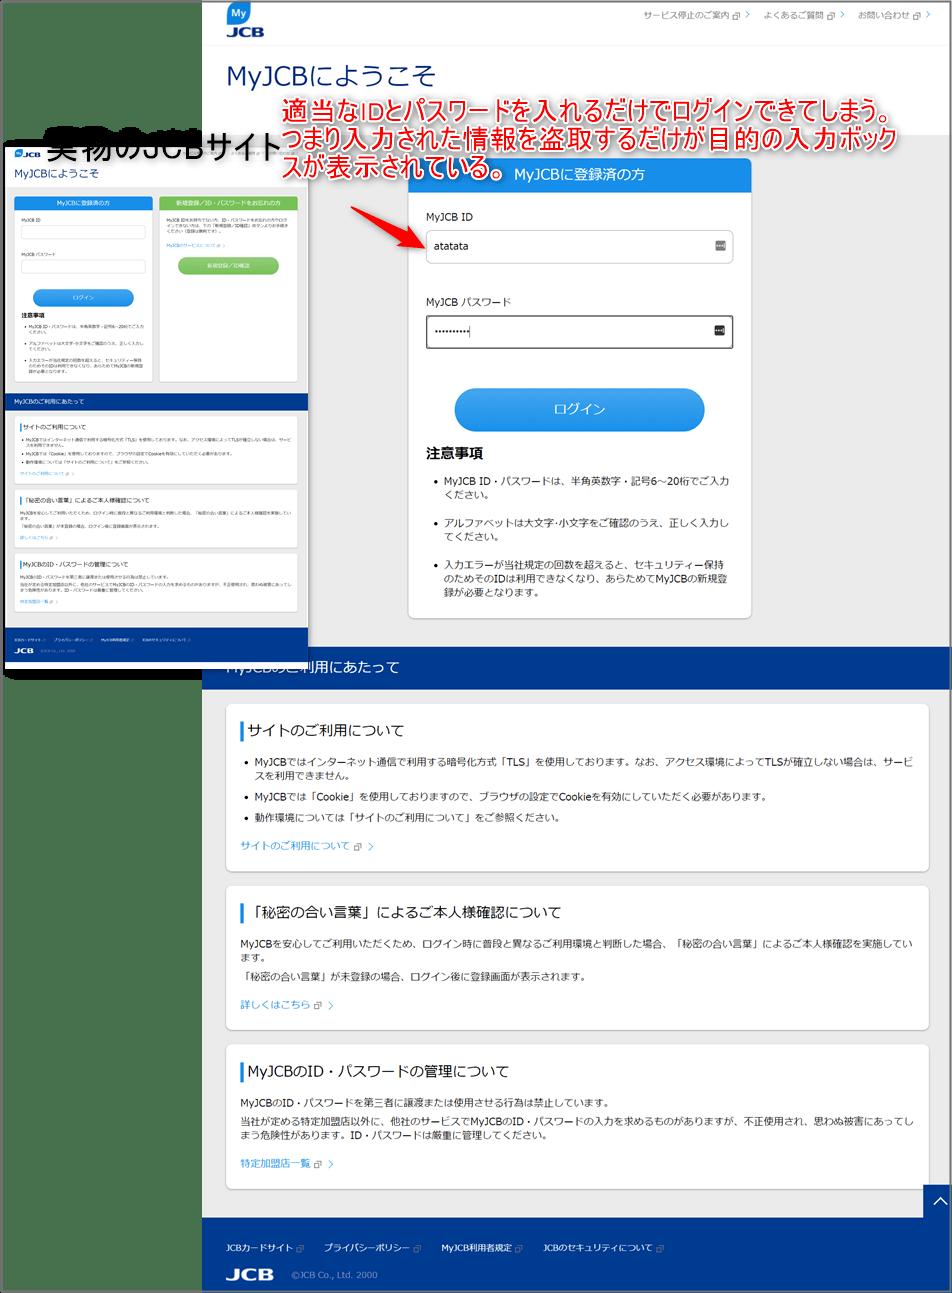 JCBのフィッシング詐欺メールをクリックしたらどうなる?~実物そっくりの詐欺ログインページ